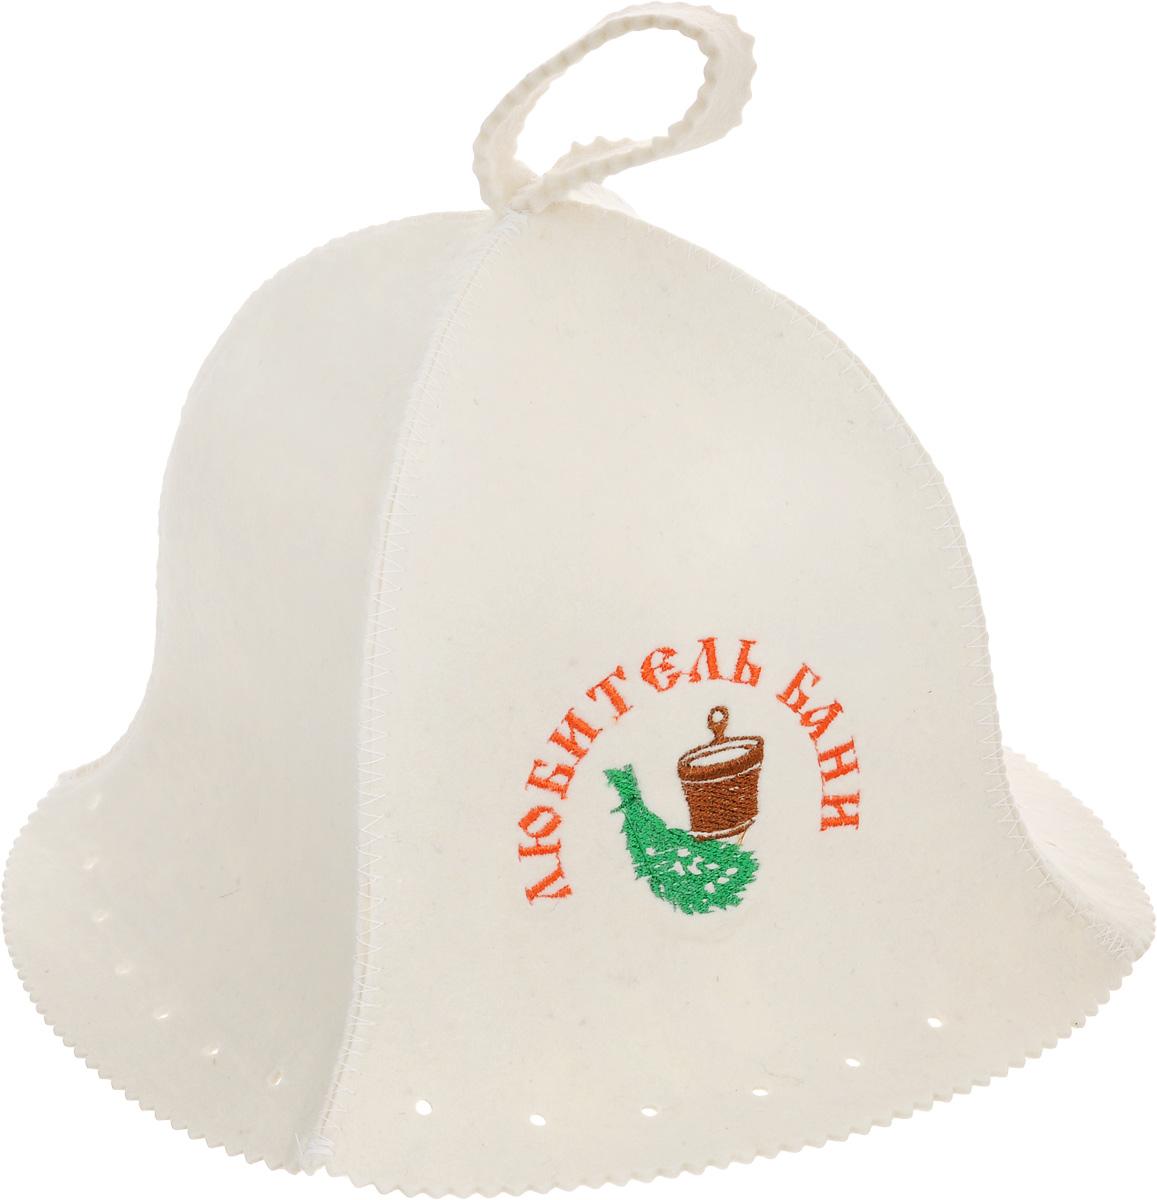 Шапка для бани и сауны Proffi Люкс. Любитель бани, мужская531-105Банная шапка Proffi изготовлена из высококачественного войлока и декорирована надписью Любитель бани. Банная шапка - это незаменимый аксессуар для любителей попариться в русской бане и для тех, кто предпочитает сухой жар финской бани. Кроме того, шапка защитит волосы от сухости и ломкости, голову от перегрева и предотвратит появление головокружения. На шапке имеется петелька, с помощью которой ее можно повесить на крючок в предбаннике. Такая шапка станет отличным подарком для любителей отдыха в бане или сауне.Обхват головы: 70 см.Высота шапки (без учета петельки): 25 см.